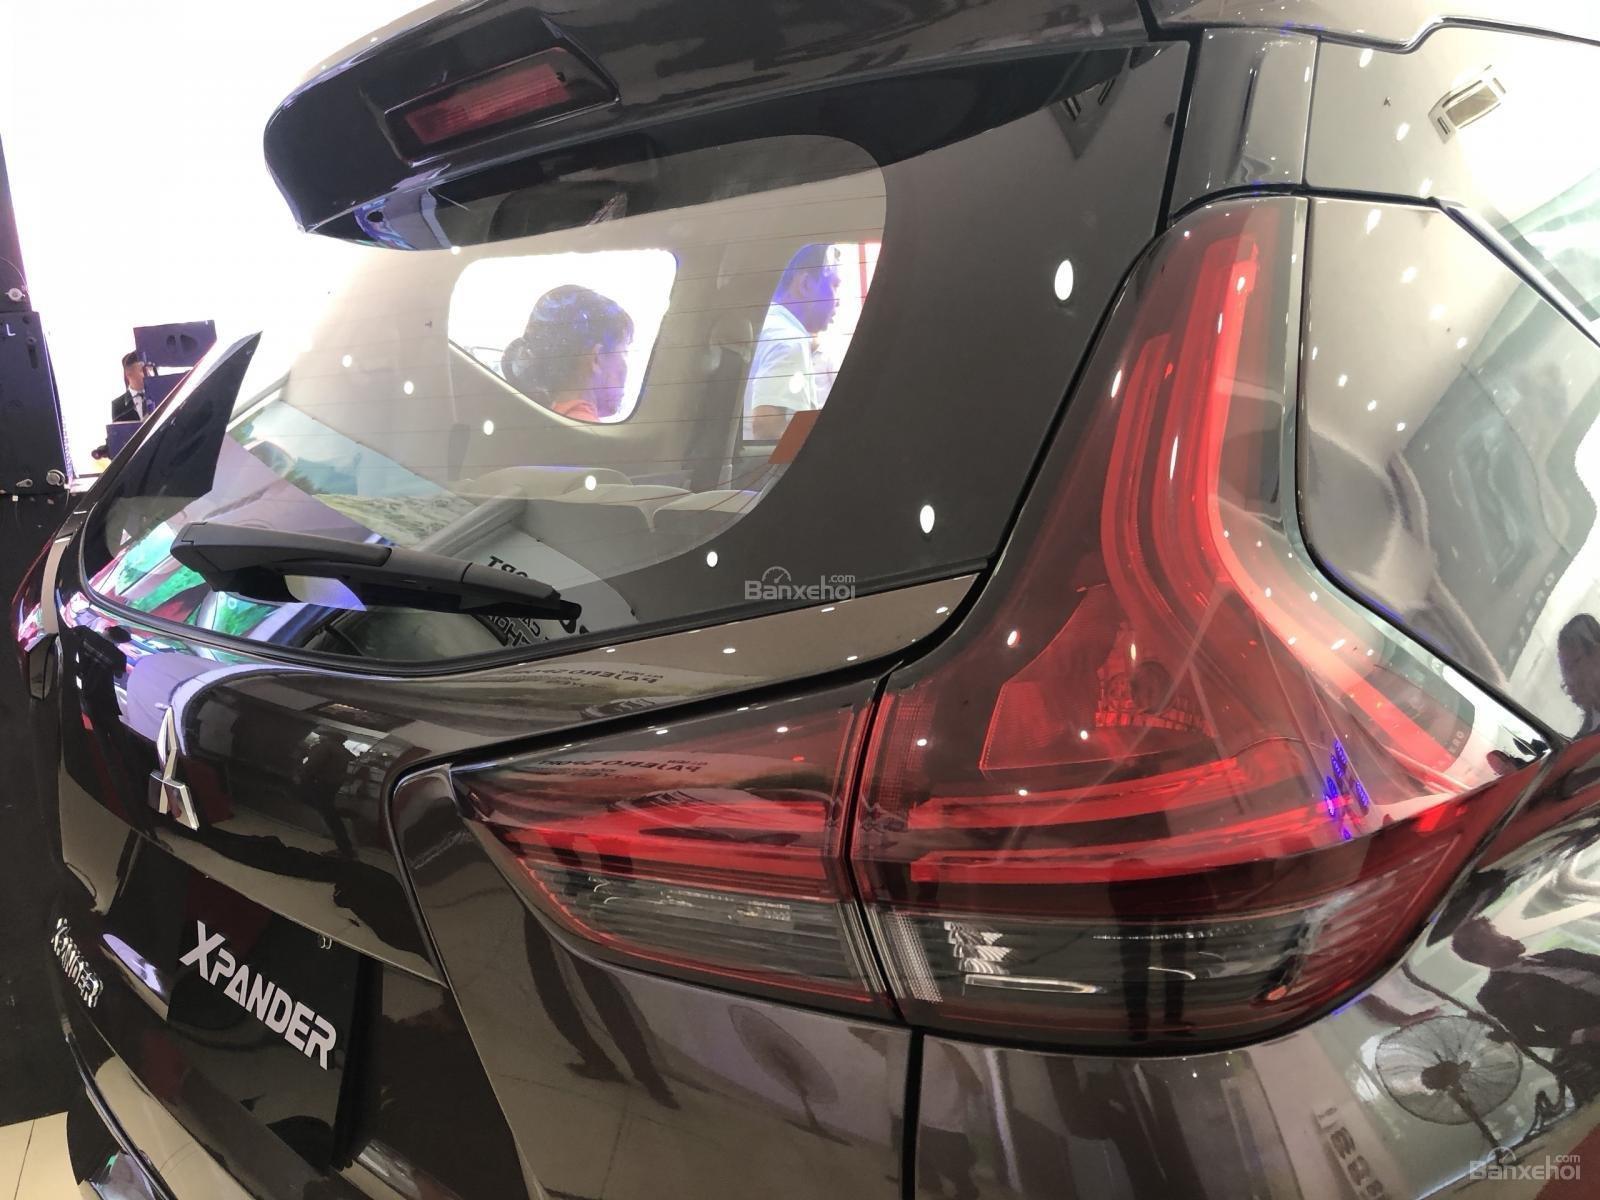 [Siêu Hot] Mitsubishi Xpander nhập nguyên chiếc từ Indo, động cơ 1.5, kinh doanh tốt. LH: 0905.91.01.99 (6)